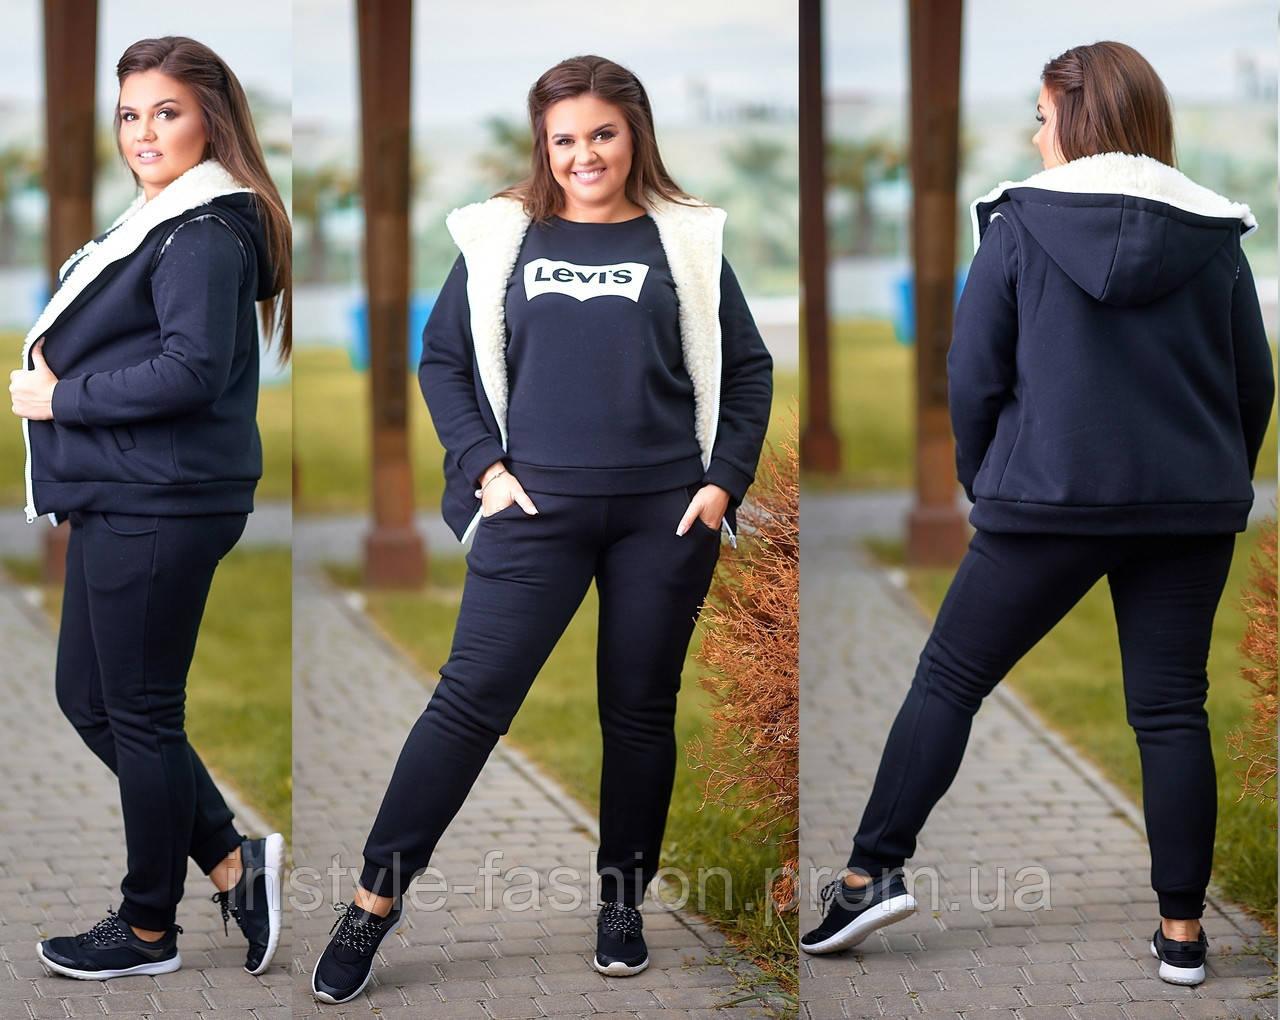 51ccf069 Женский спортивный теплый костюм Levis Левайс тройка ткань трехнитка до 58  размера черный